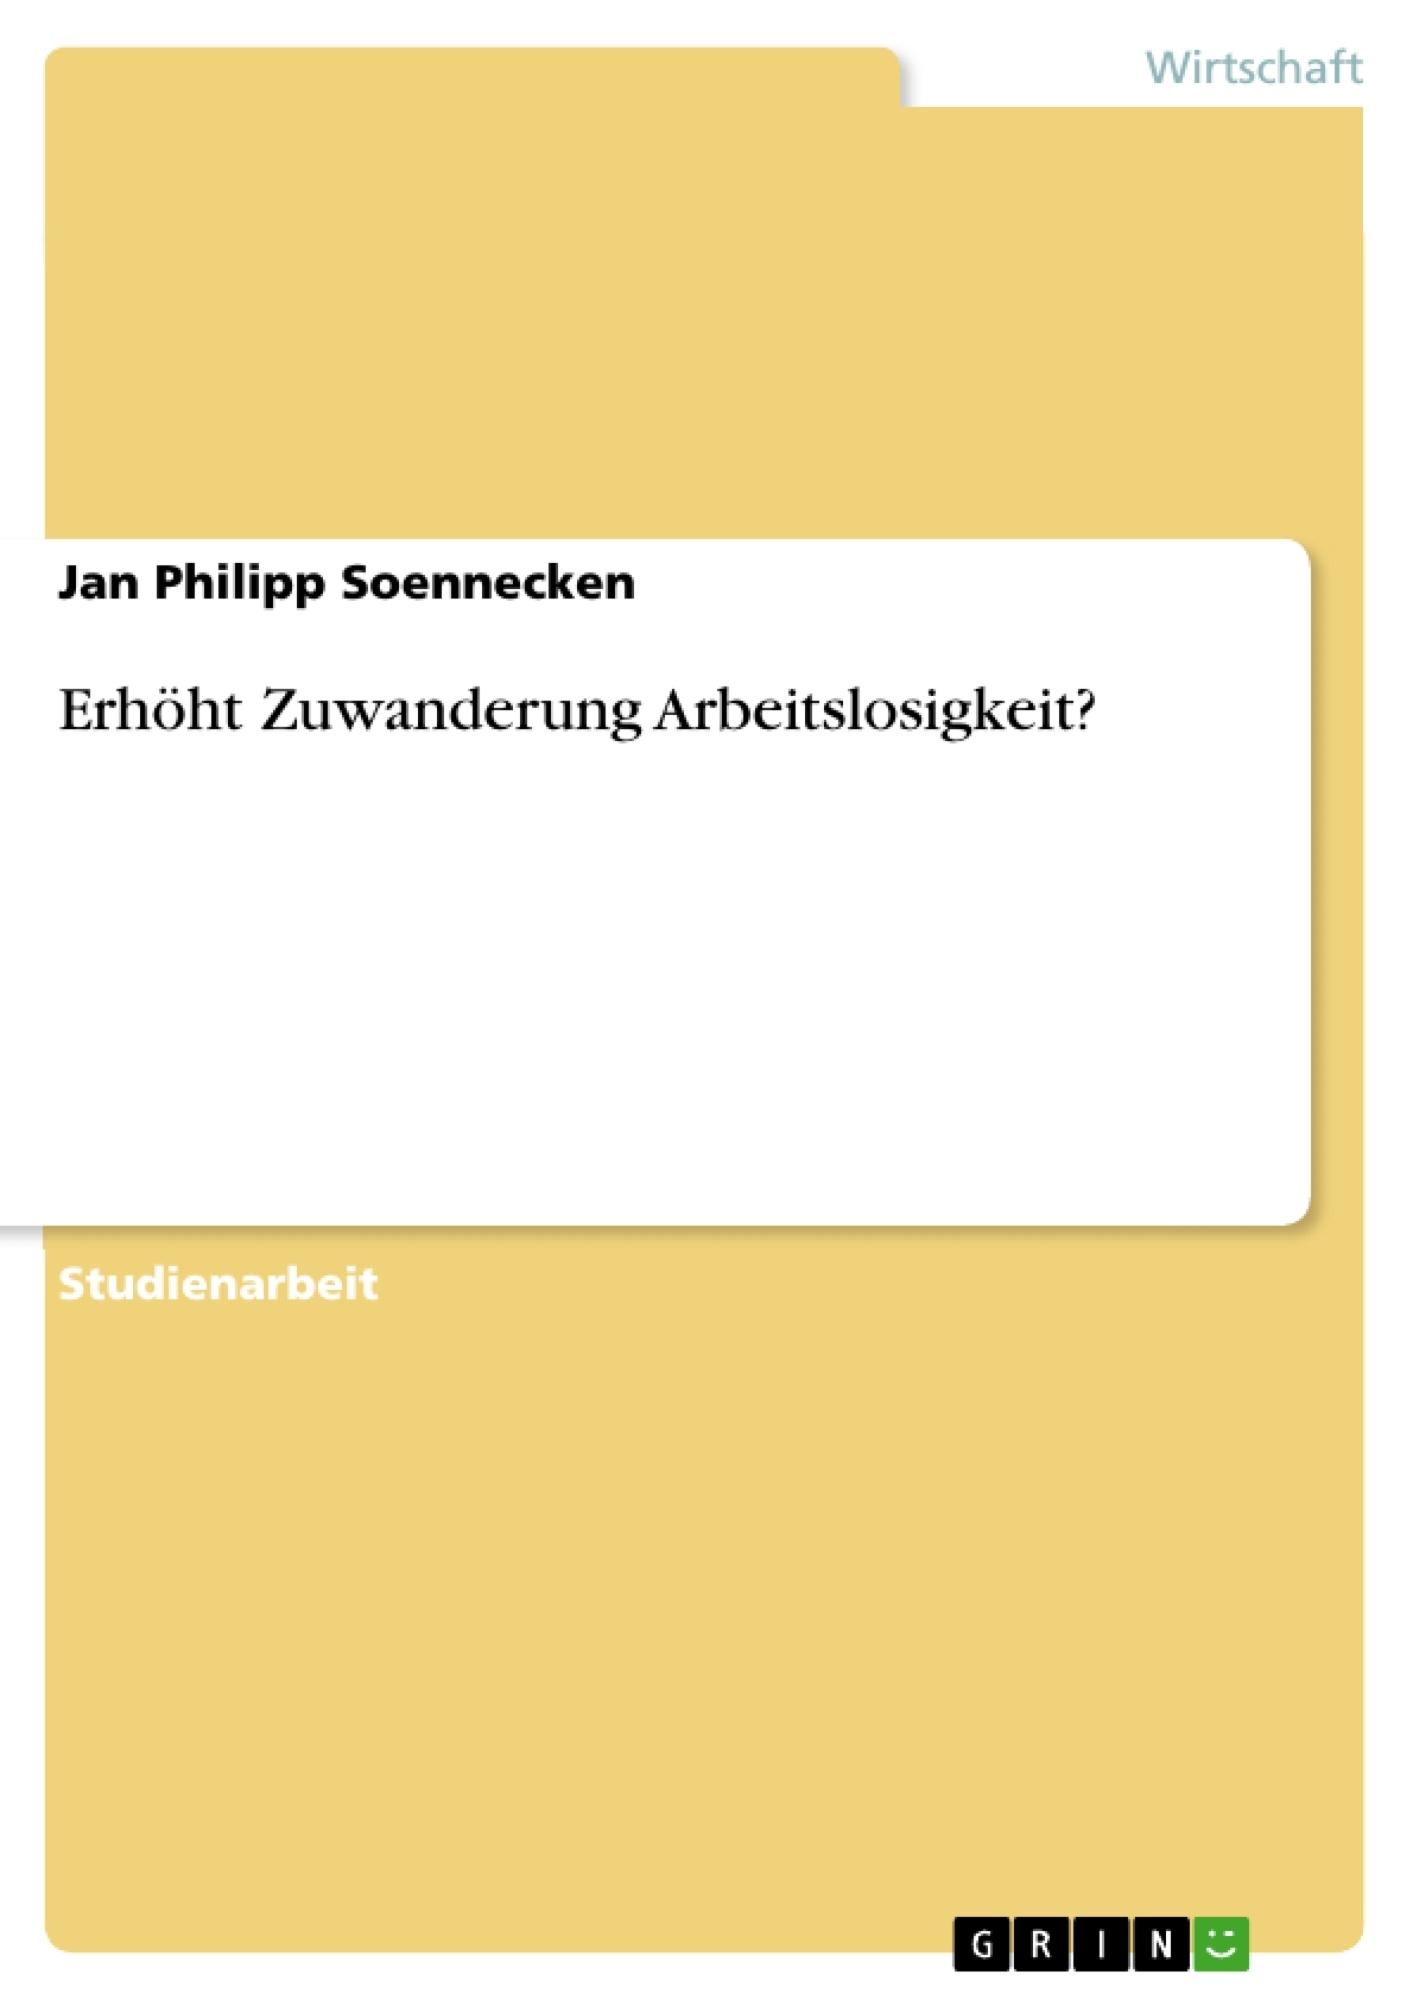 Titel: Erhöht Zuwanderung Arbeitslosigkeit?